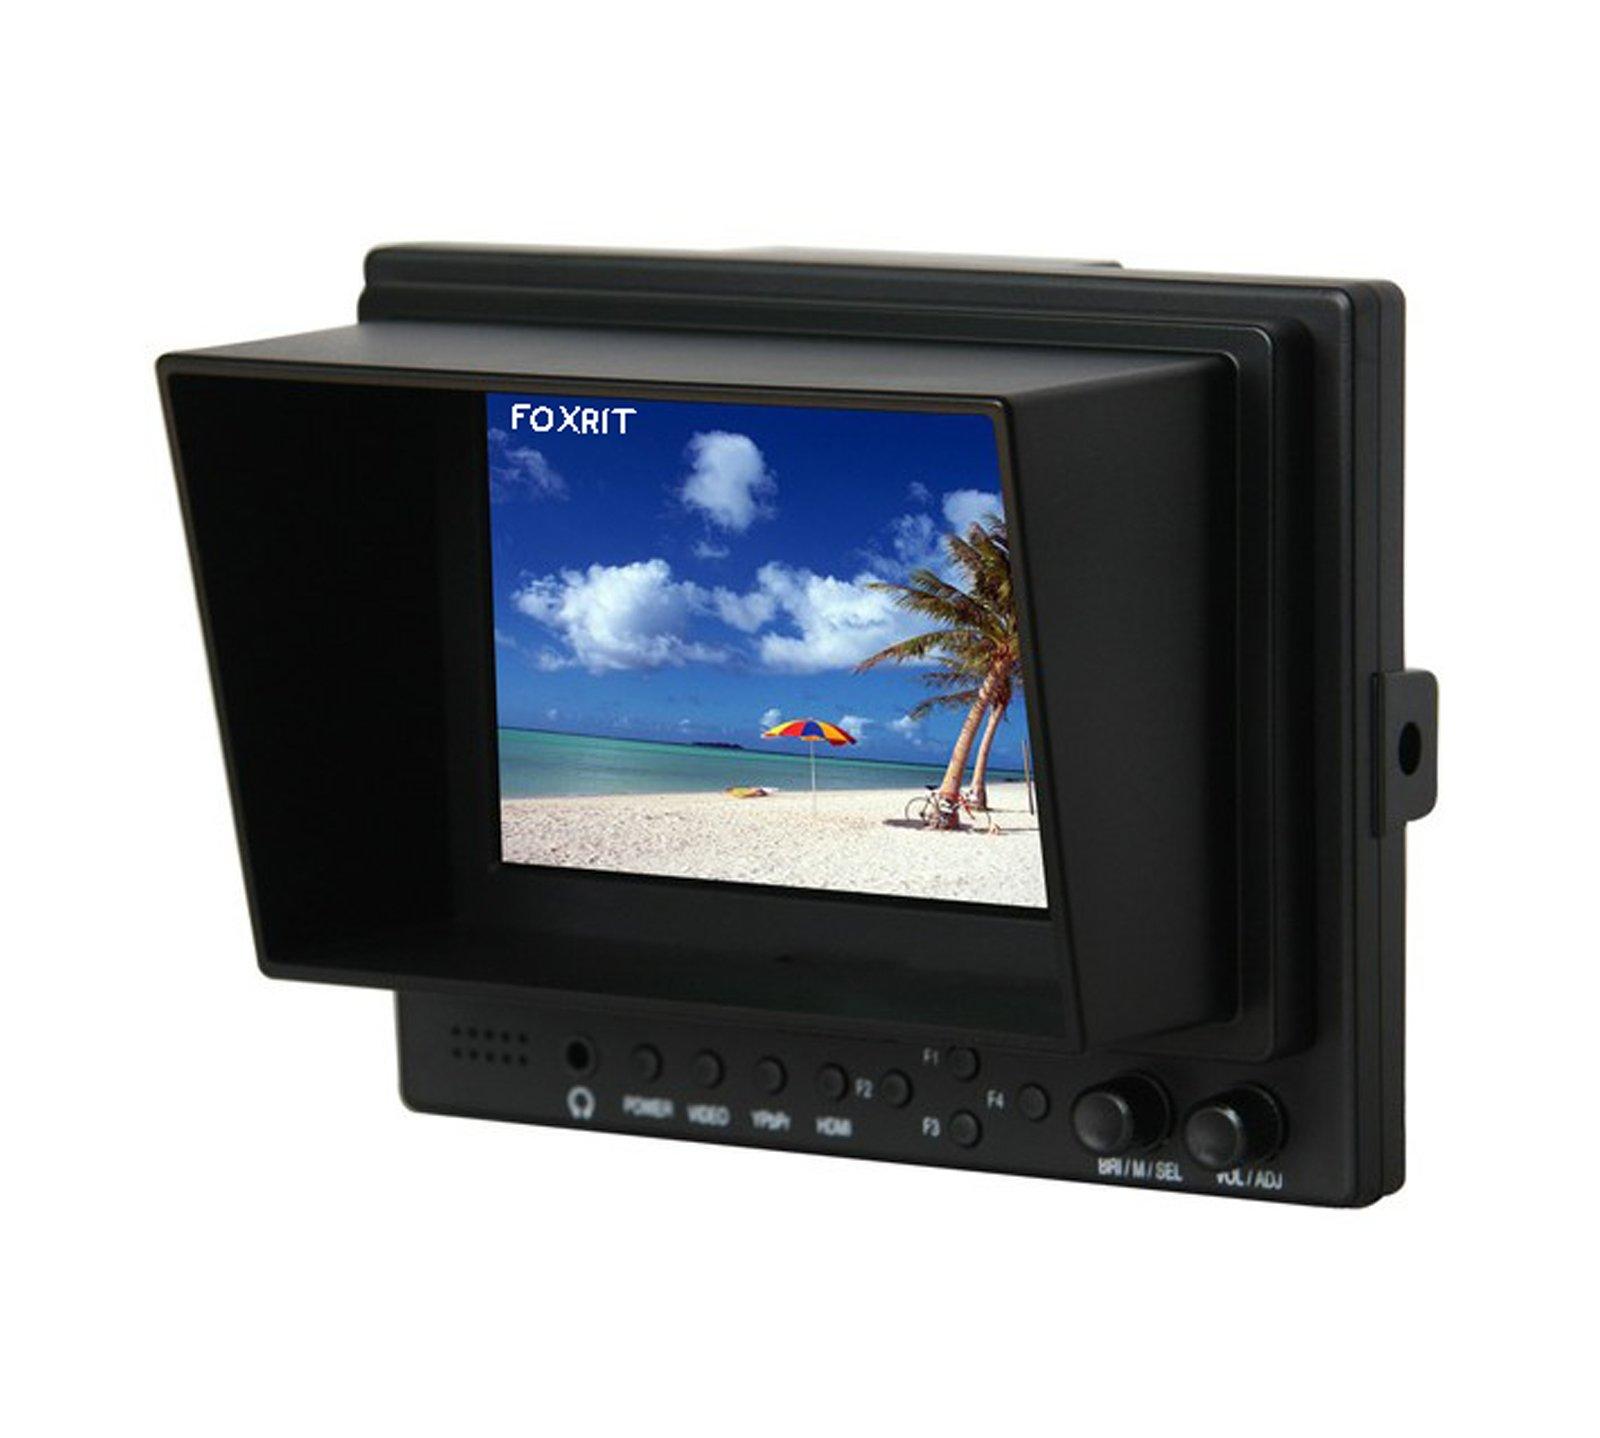 Lilliput 569 5 pulgadas 16: 9 LED Campo monitor con HDMI, vídeo por componentes y Sun Hood. Optimizado para cámaras réflex digitales.: Amazon.es: Electrónica